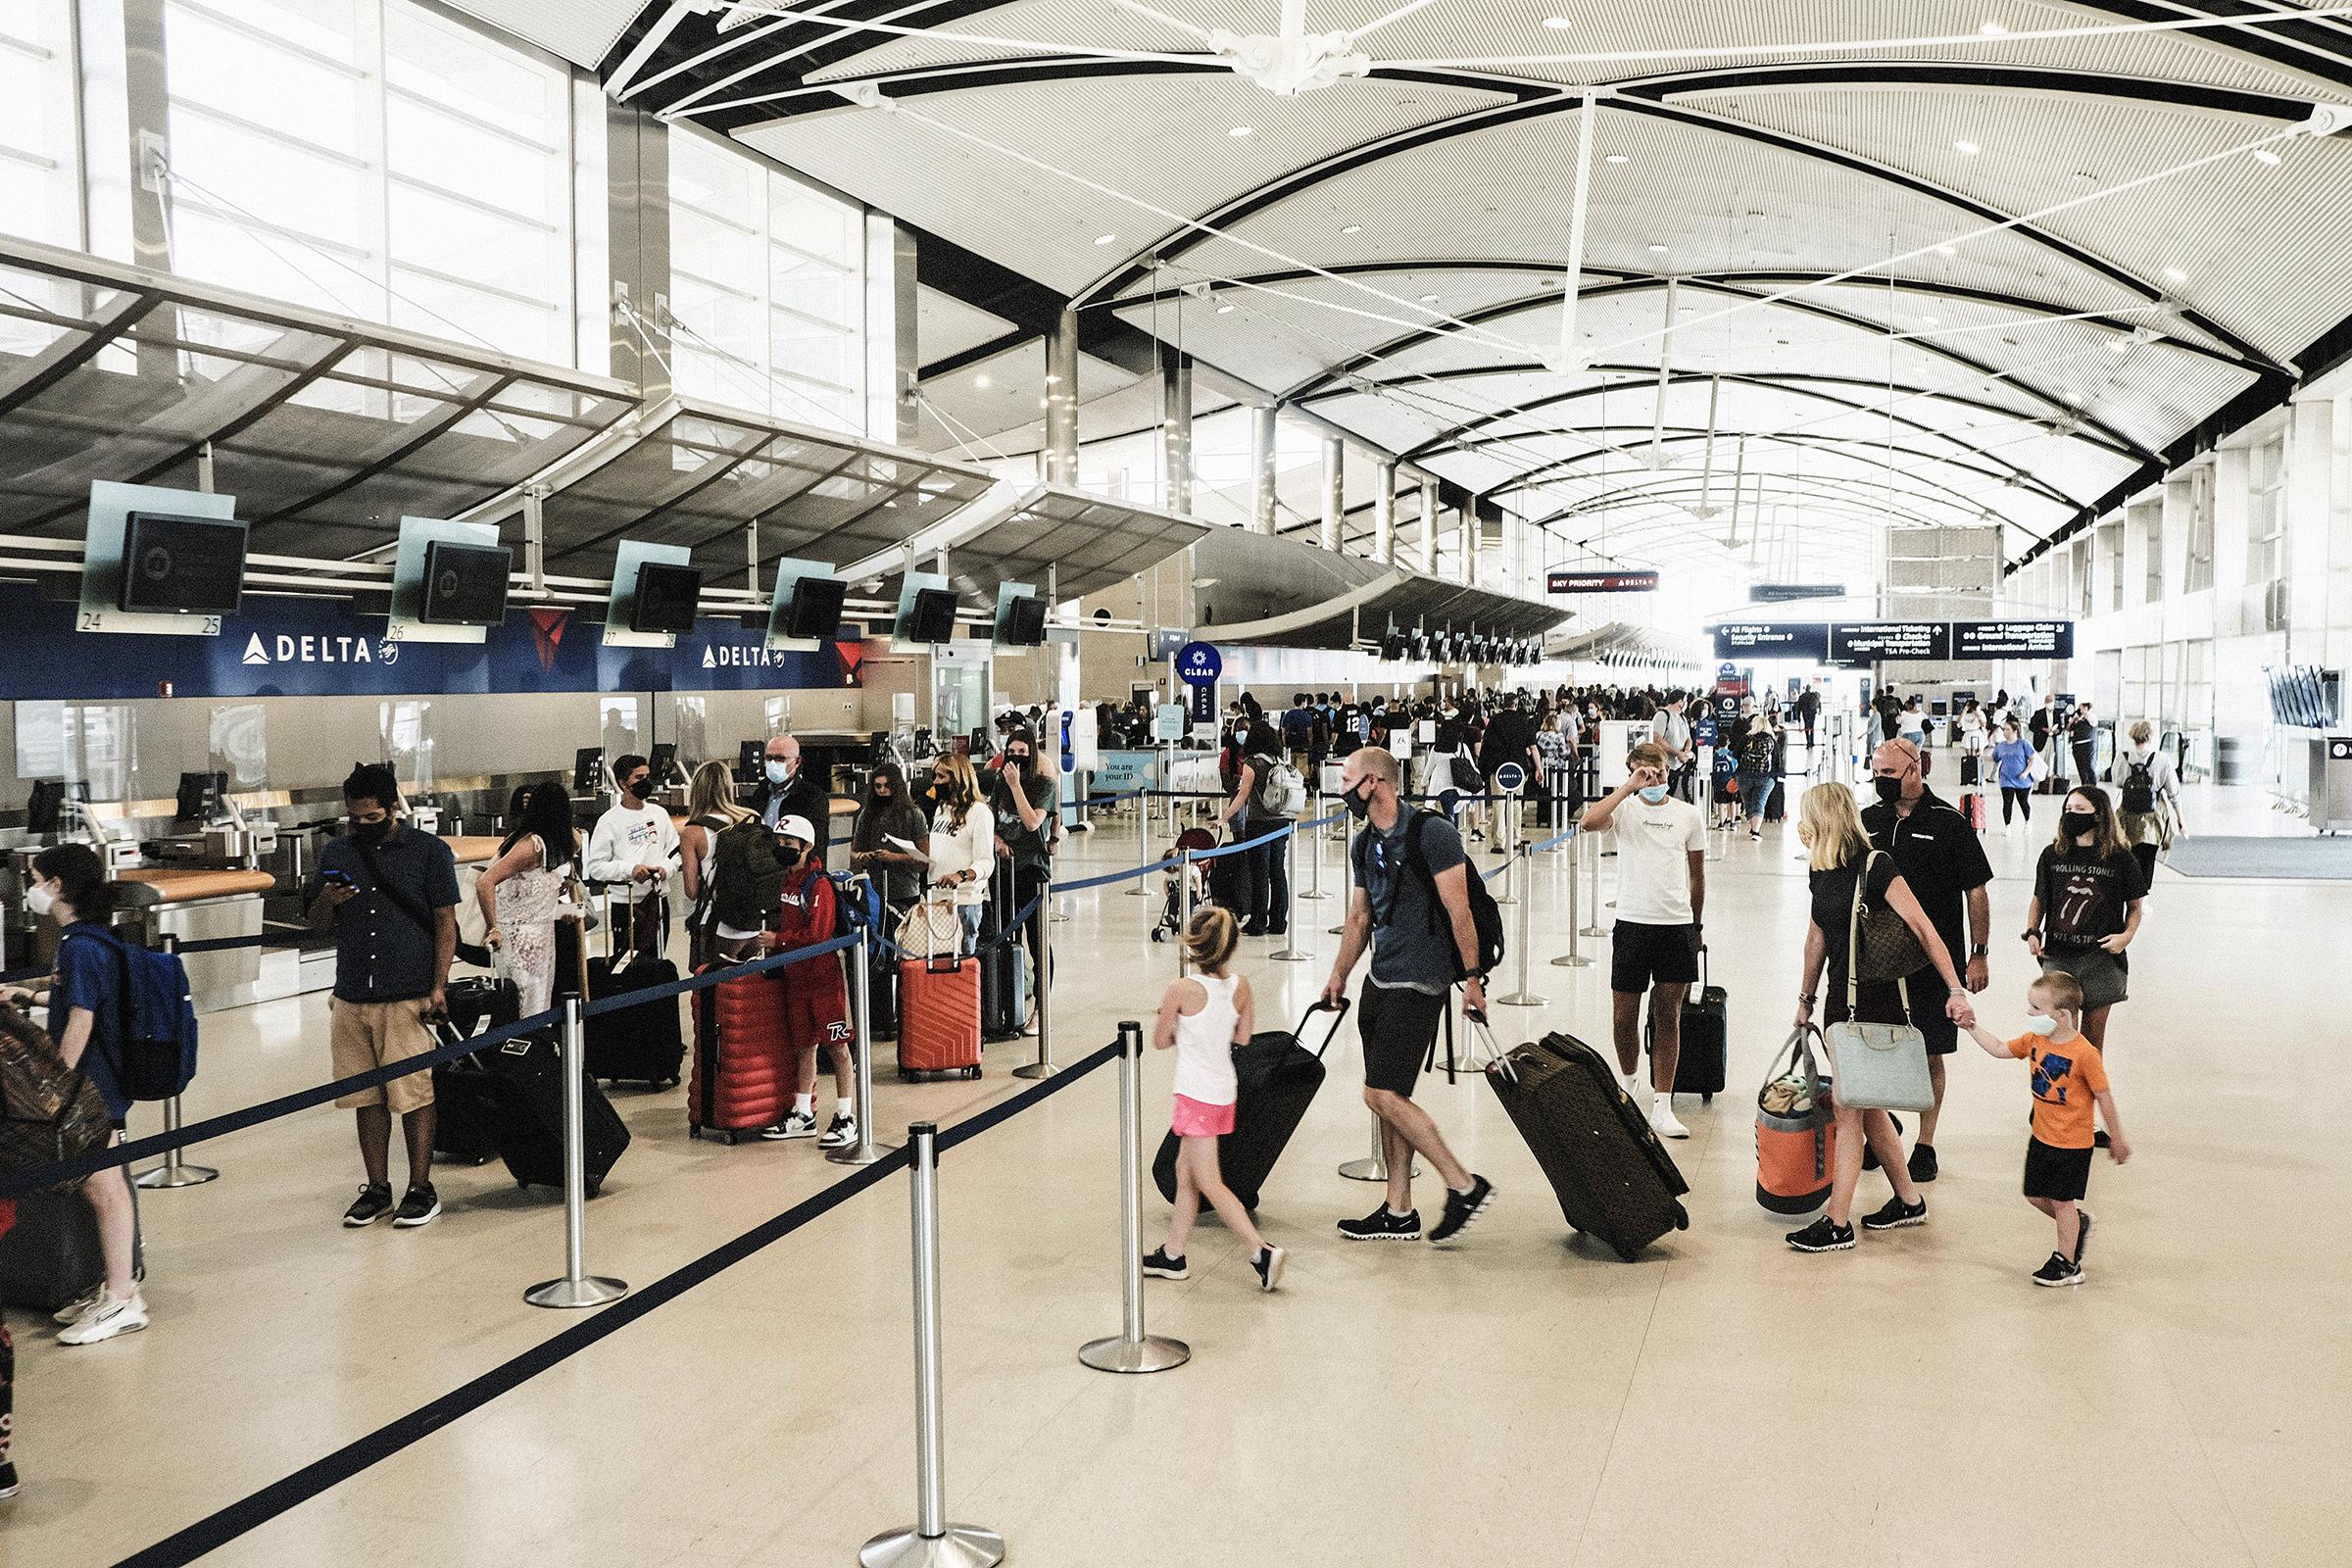 Travelers arrive at the Detroit Metropolitan Wayne County Airport in Romulus, Michigan, on Saturday, June 12.